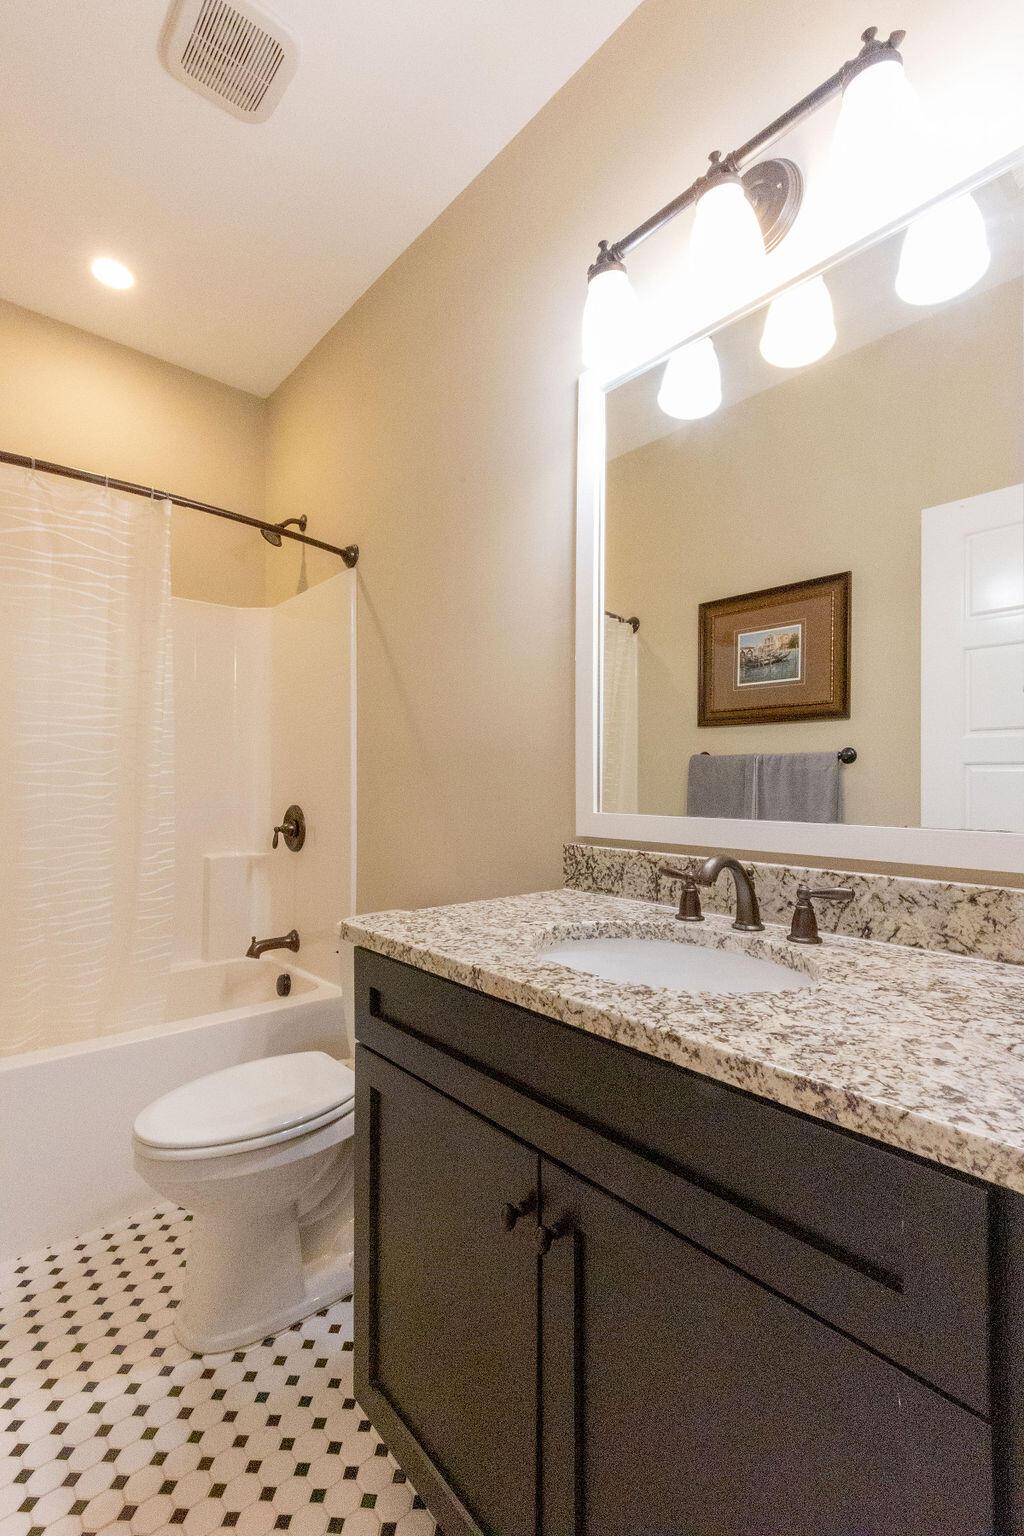 Dunes West Homes For Sale - 2705 Fountainhead, Mount Pleasant, SC - 54